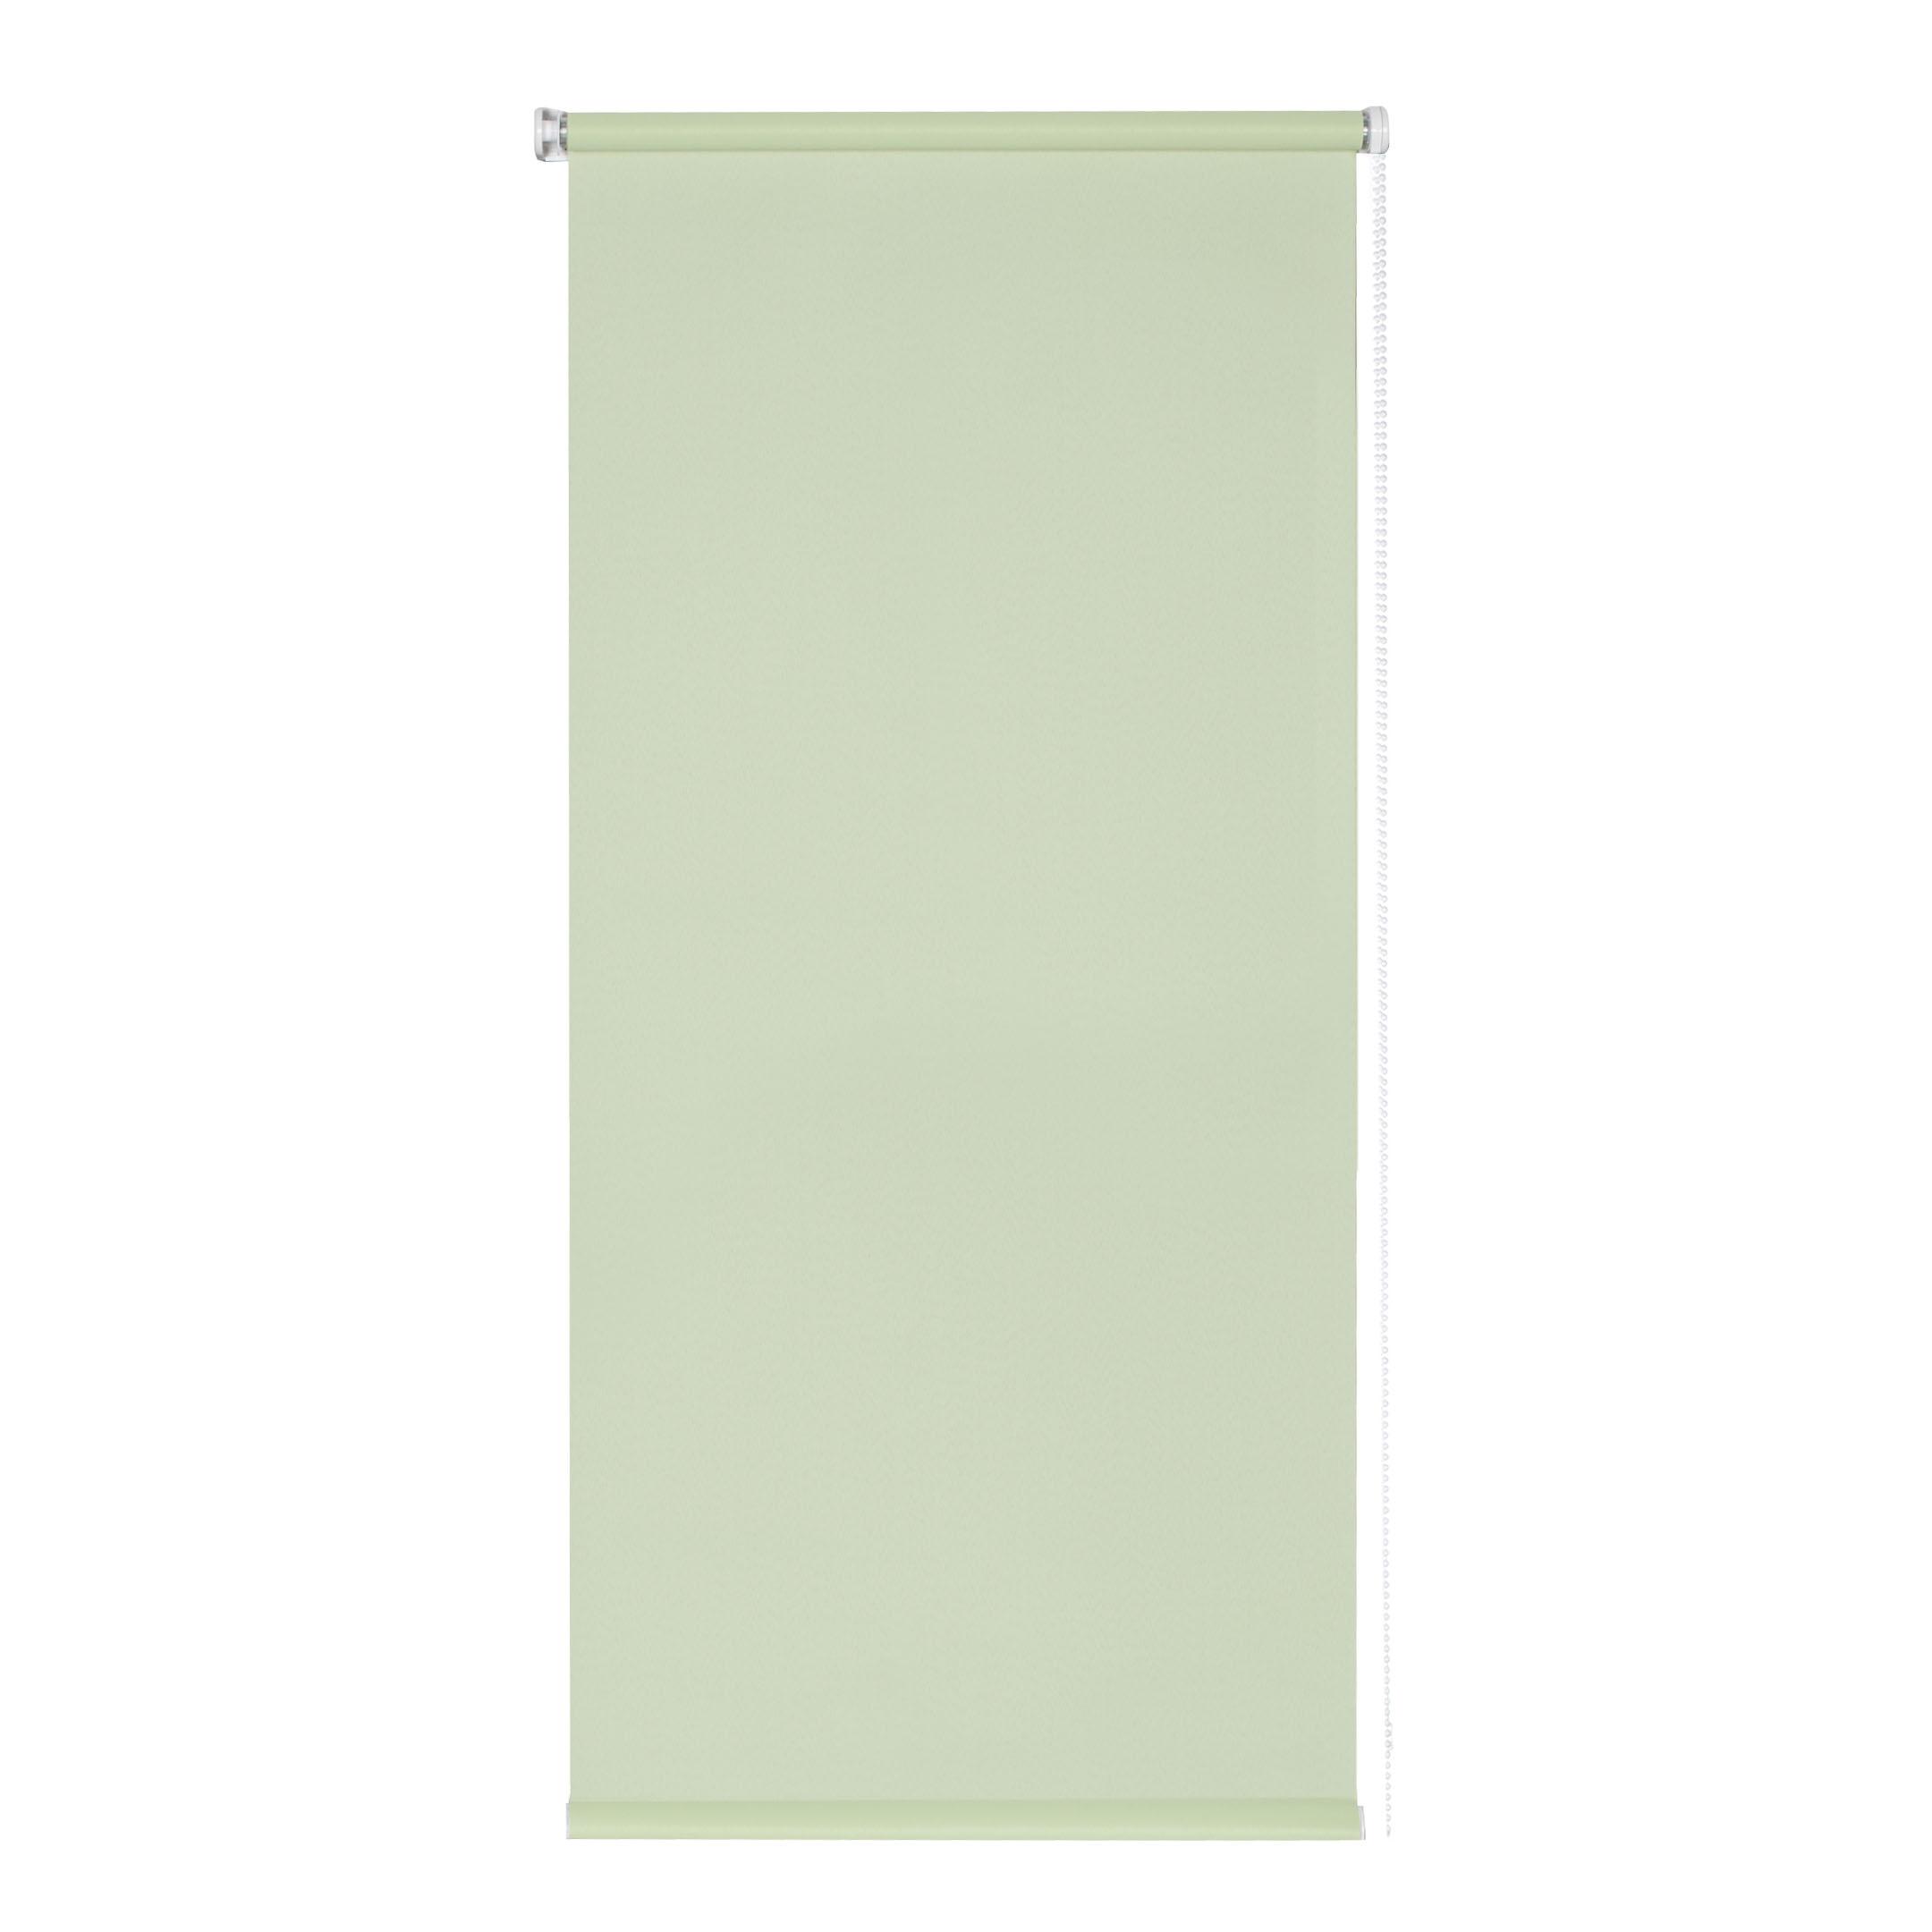 Фото - Штора рулонная Плайн 50х175 см фисташковый штора рулонная плайн 50х175 см фисташковый